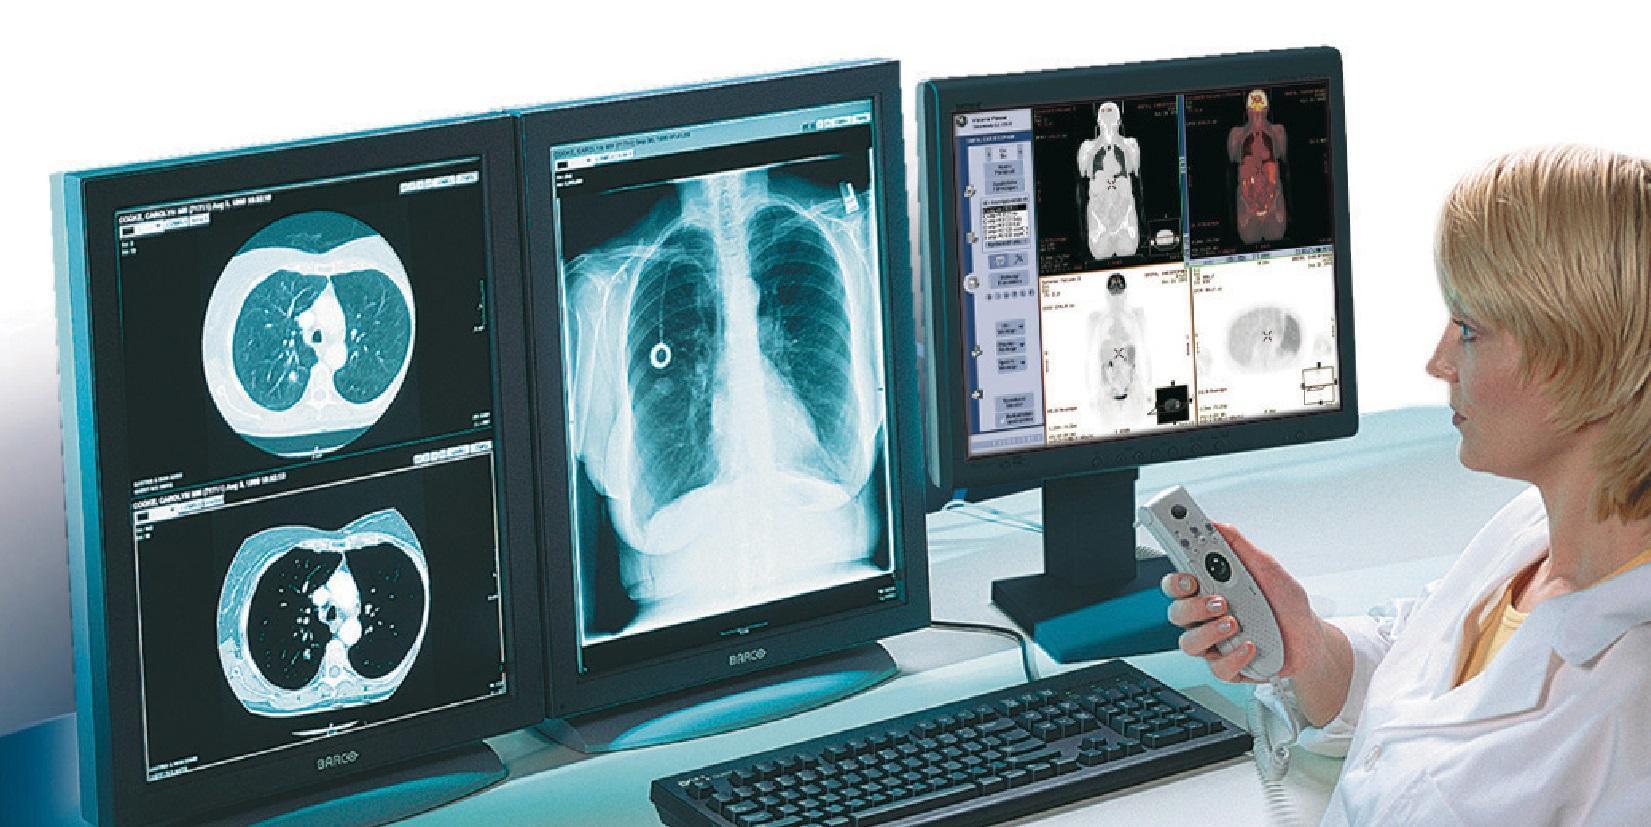 вакансии врач рентгенолог удаленная работа